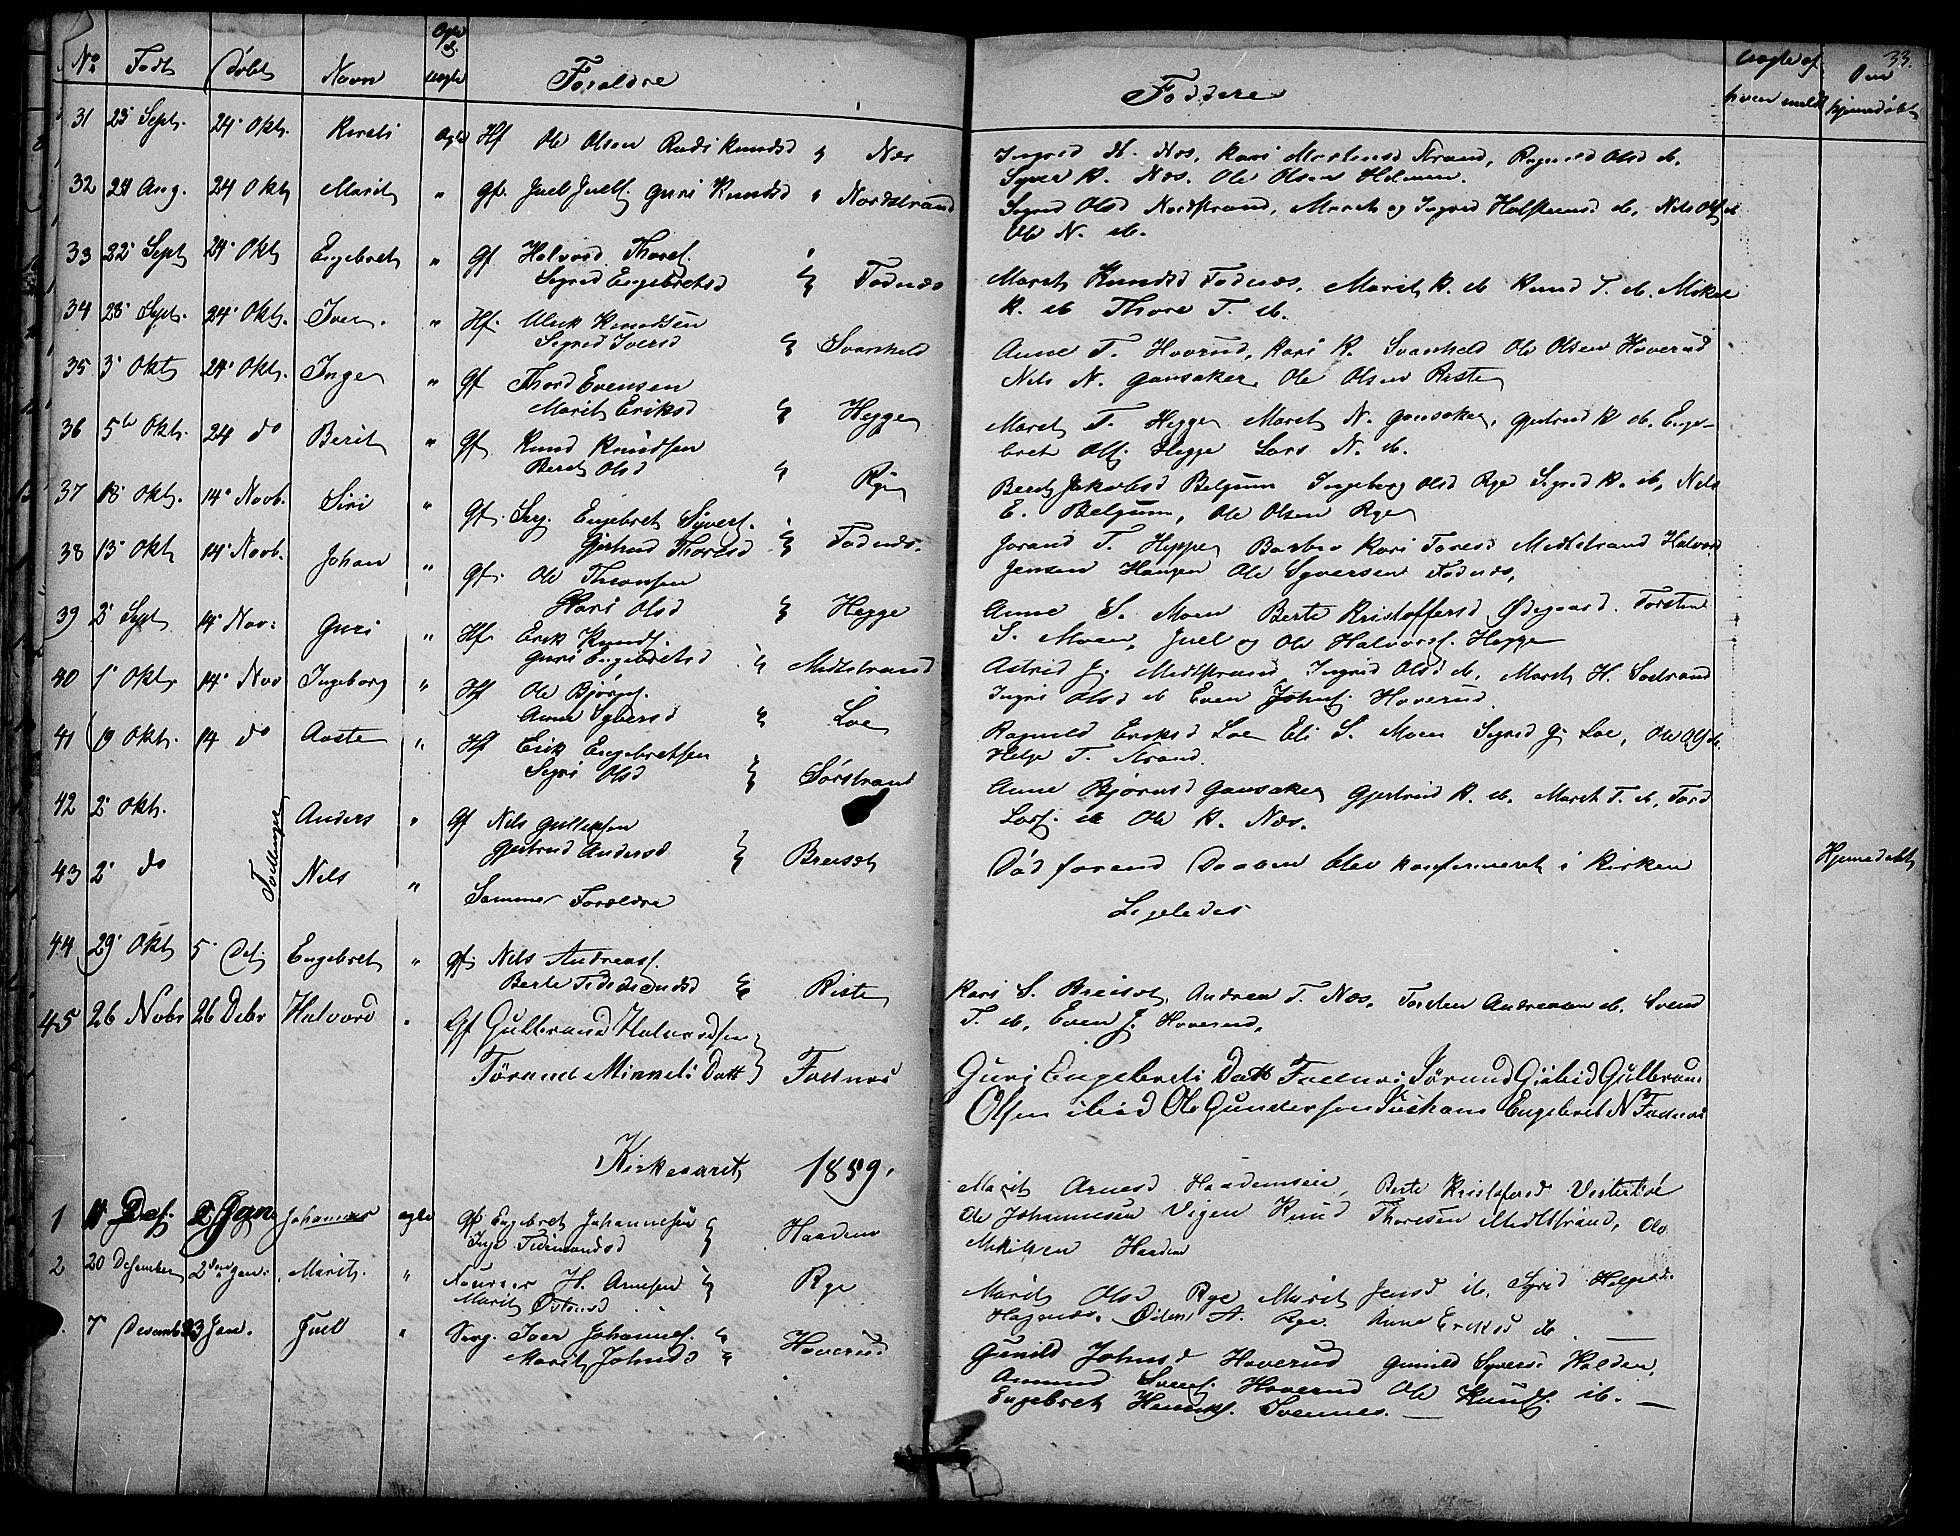 SAH, Nord-Aurdal prestekontor, Klokkerbok nr. 3, 1842-1882, s. 33